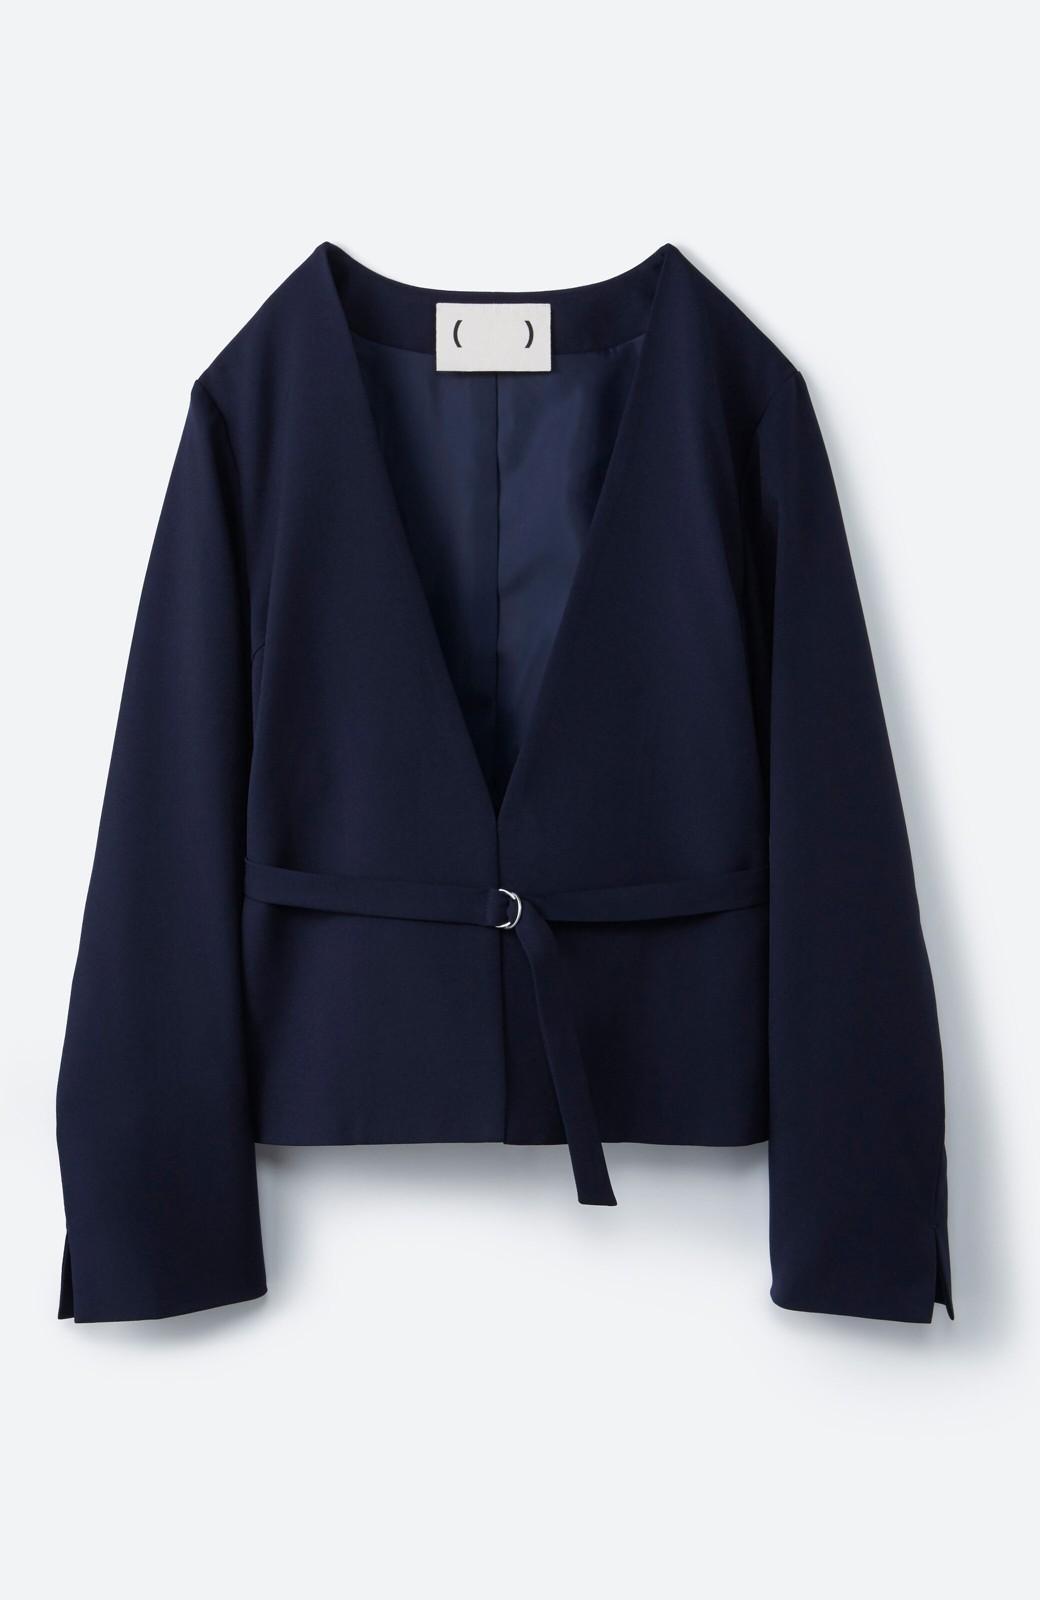 haco! 持っていると便利な野暮ったくならないフォーマルジャケット・パンツ・スカートの3点セット <ダークネイビー>の商品写真2